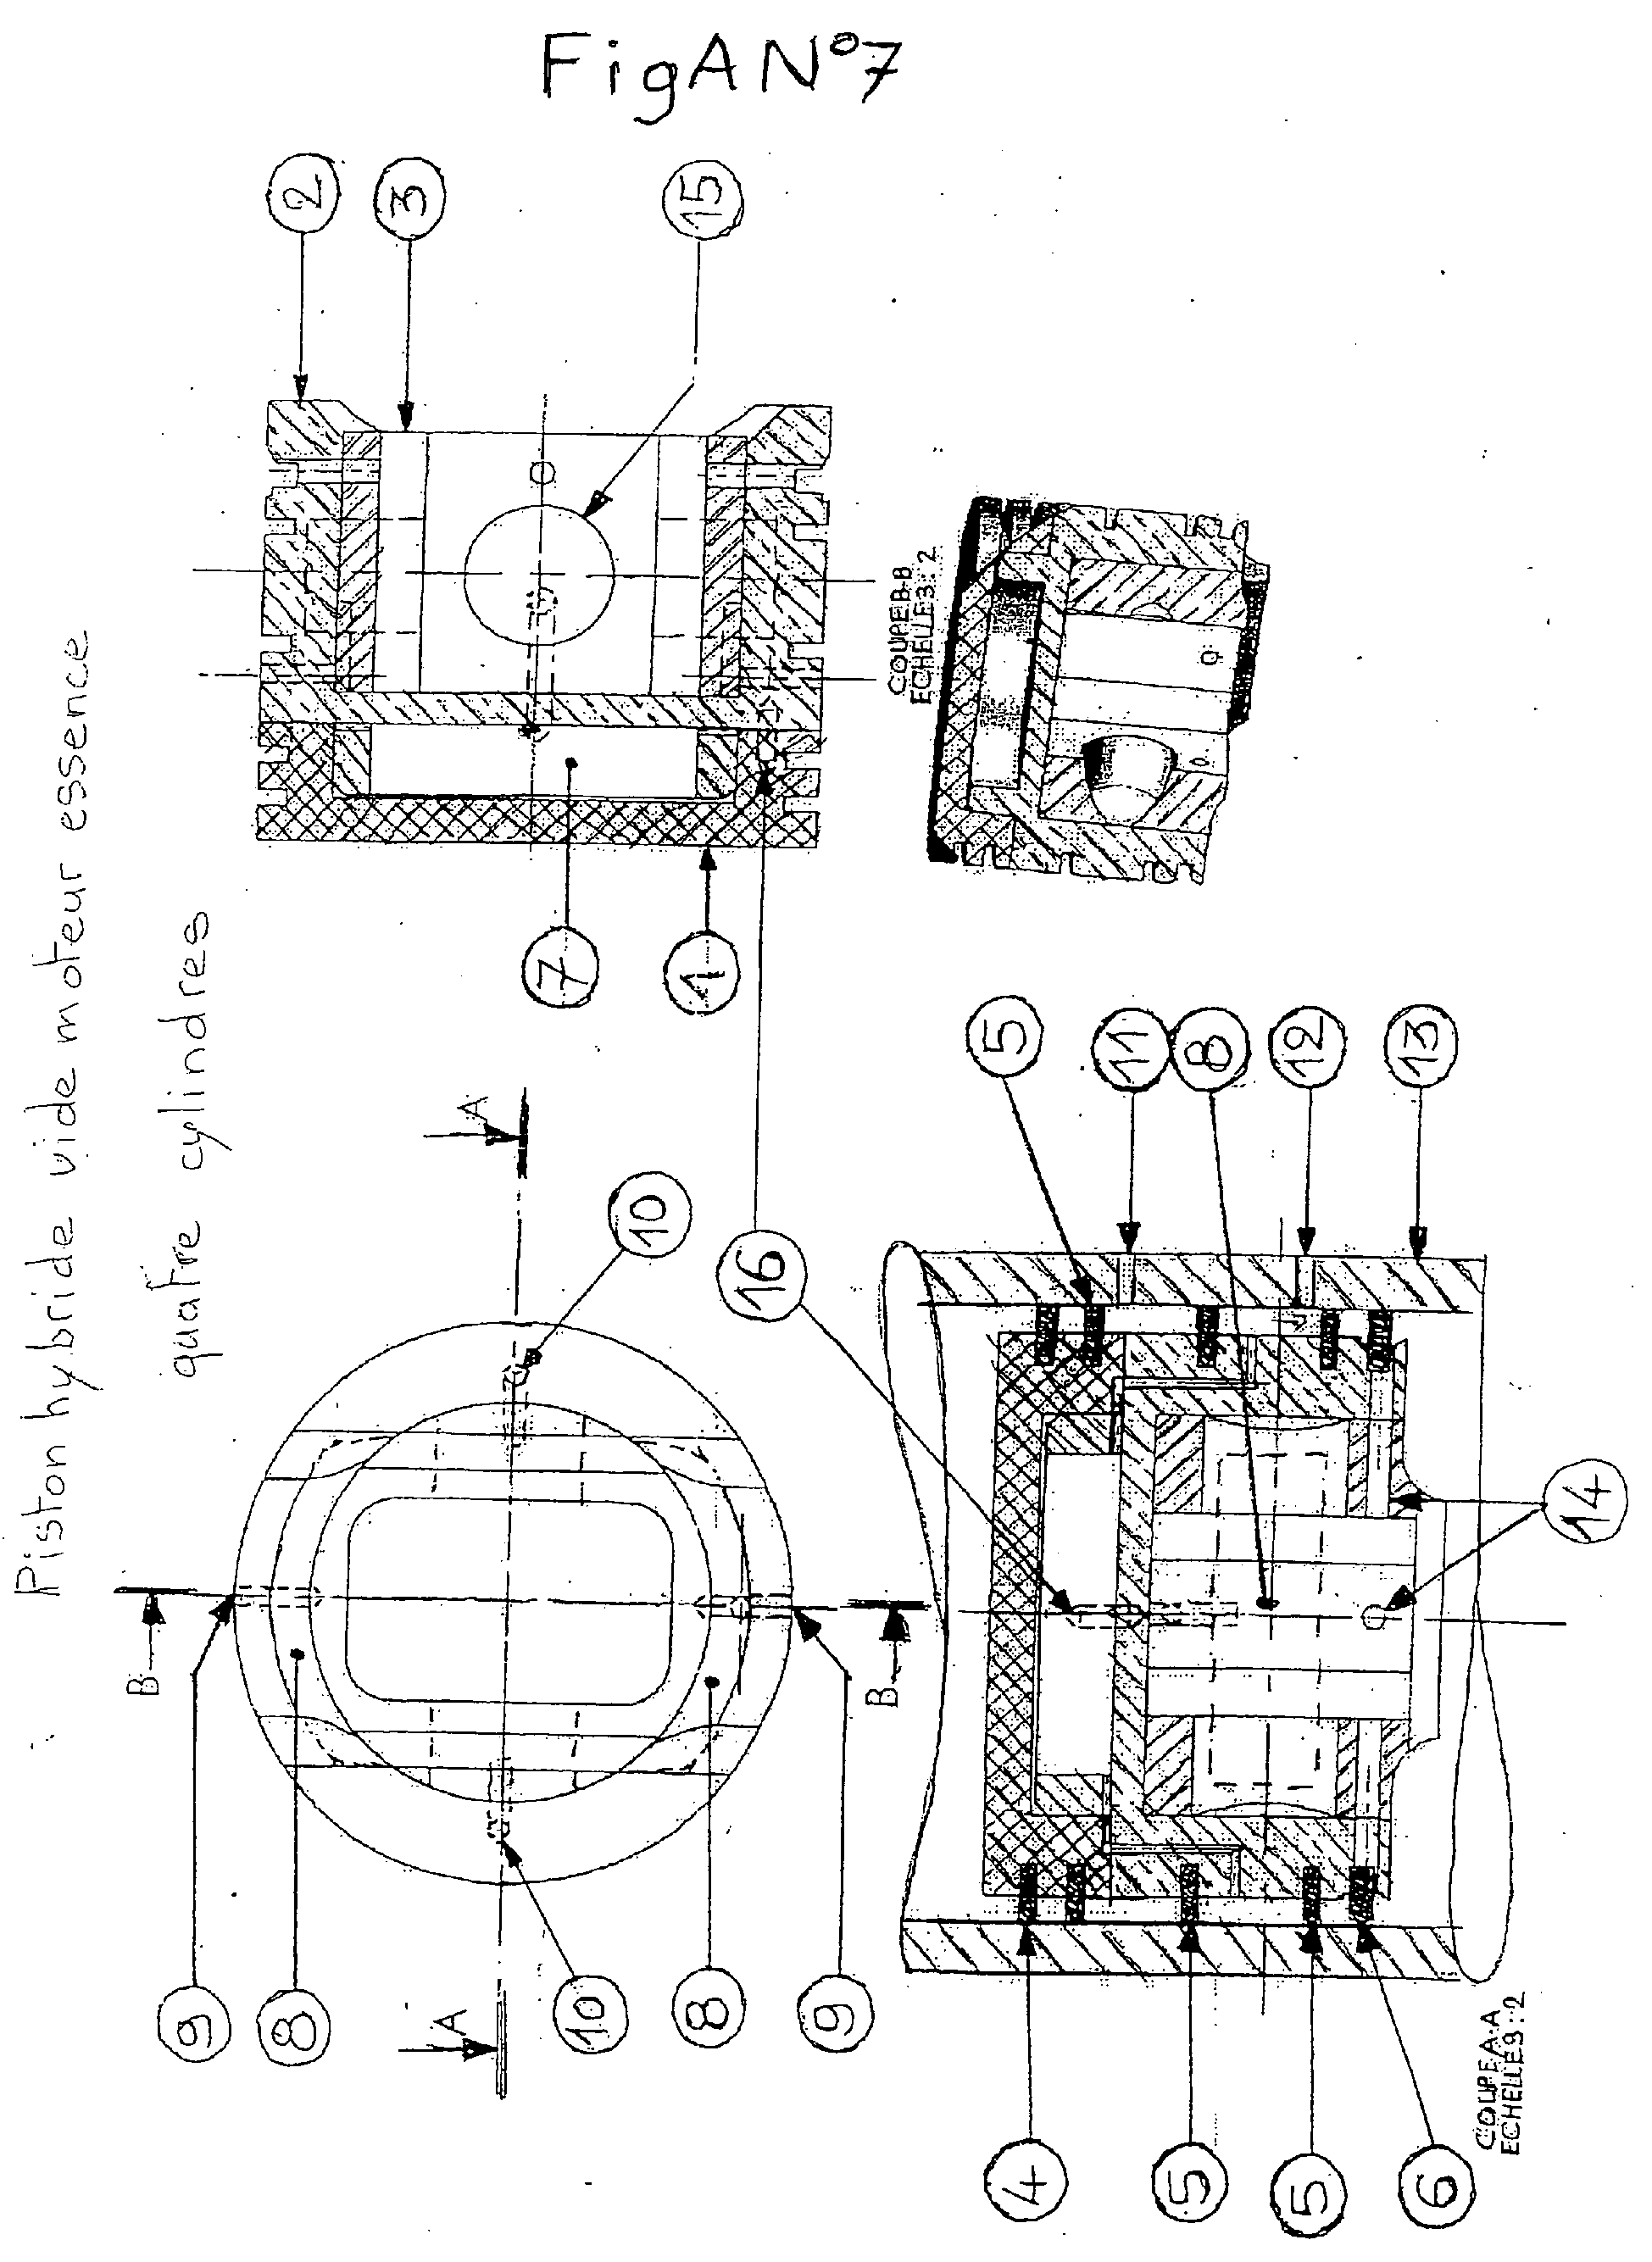 Barnes Hydraulic Pump Wiring Diagram For | Wiring Diagram on